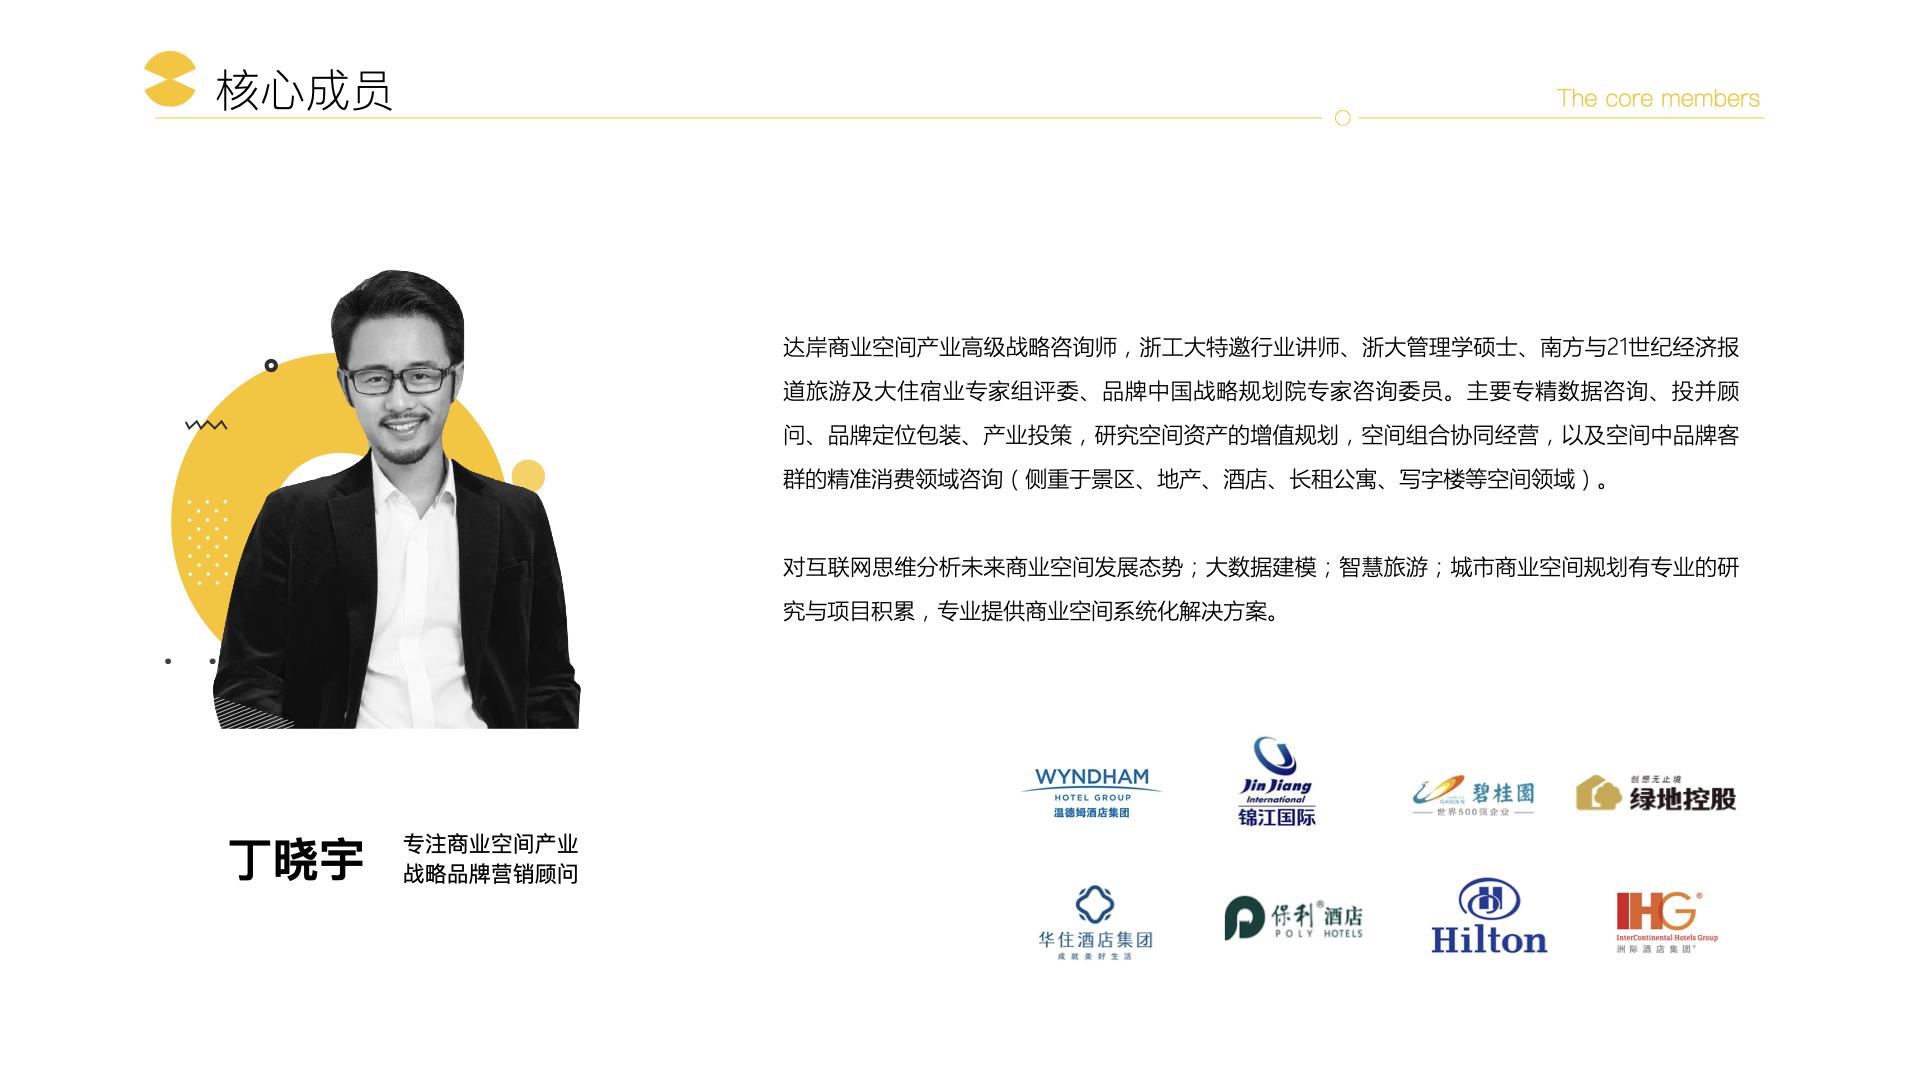 【公司-企业介绍】达岸品牌营销机构20200526.022